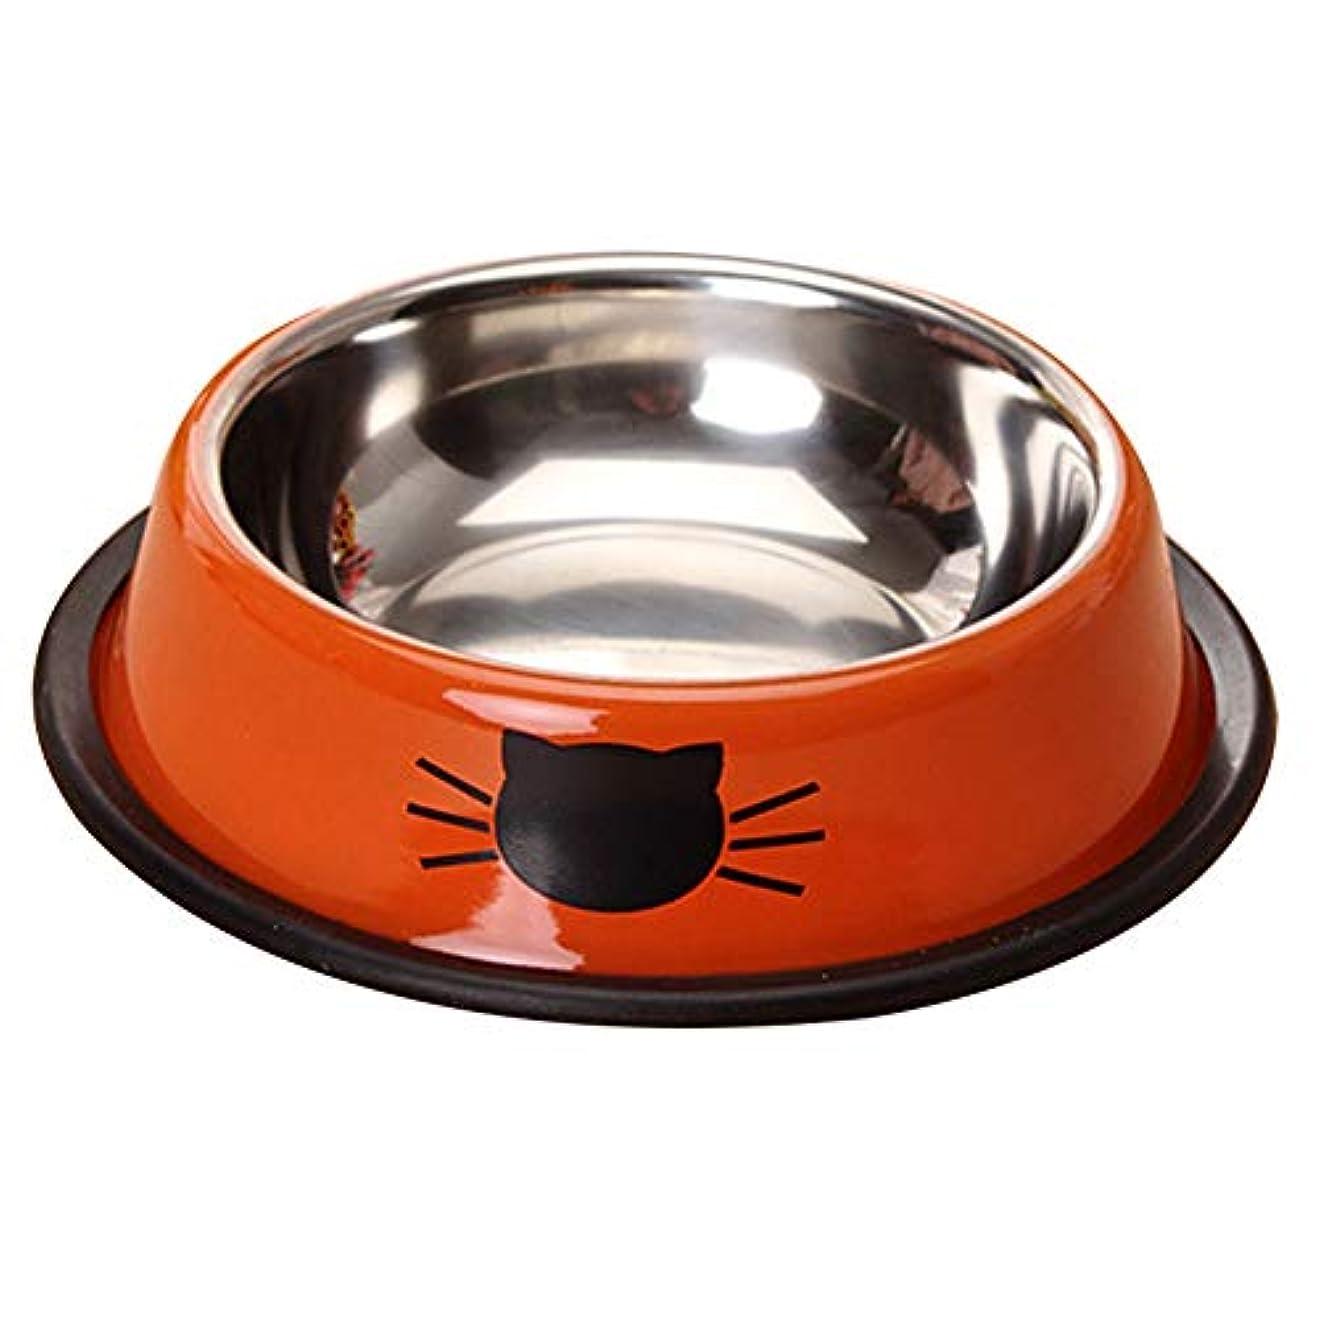 Erterqumor 犬 食器 ペットボウル ステンレス製犬猫用ボウル 犬猫用食器 餌入れ 食べやすい 滑り止め お手入れ簡単